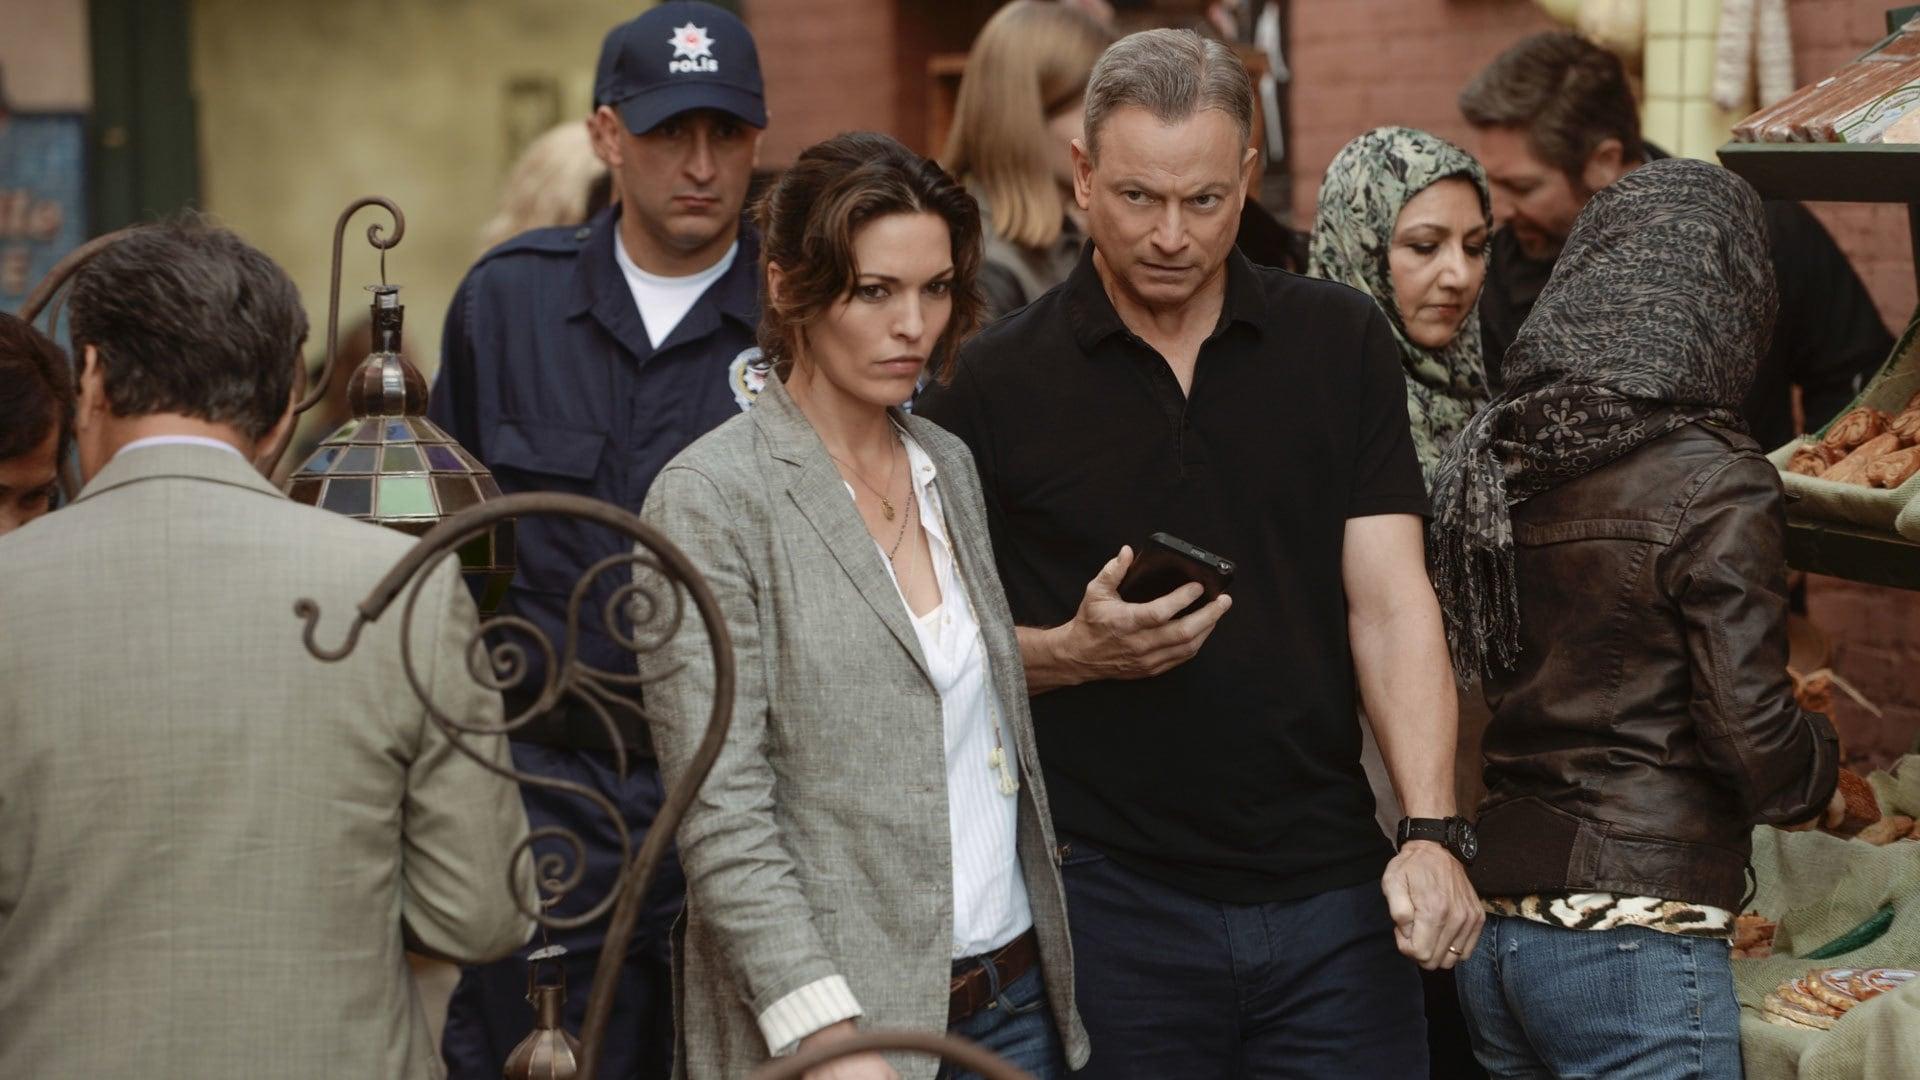 Criminal Minds Beyond Borders 1 Sezon 9 Bölüm Türkçe Dublaj